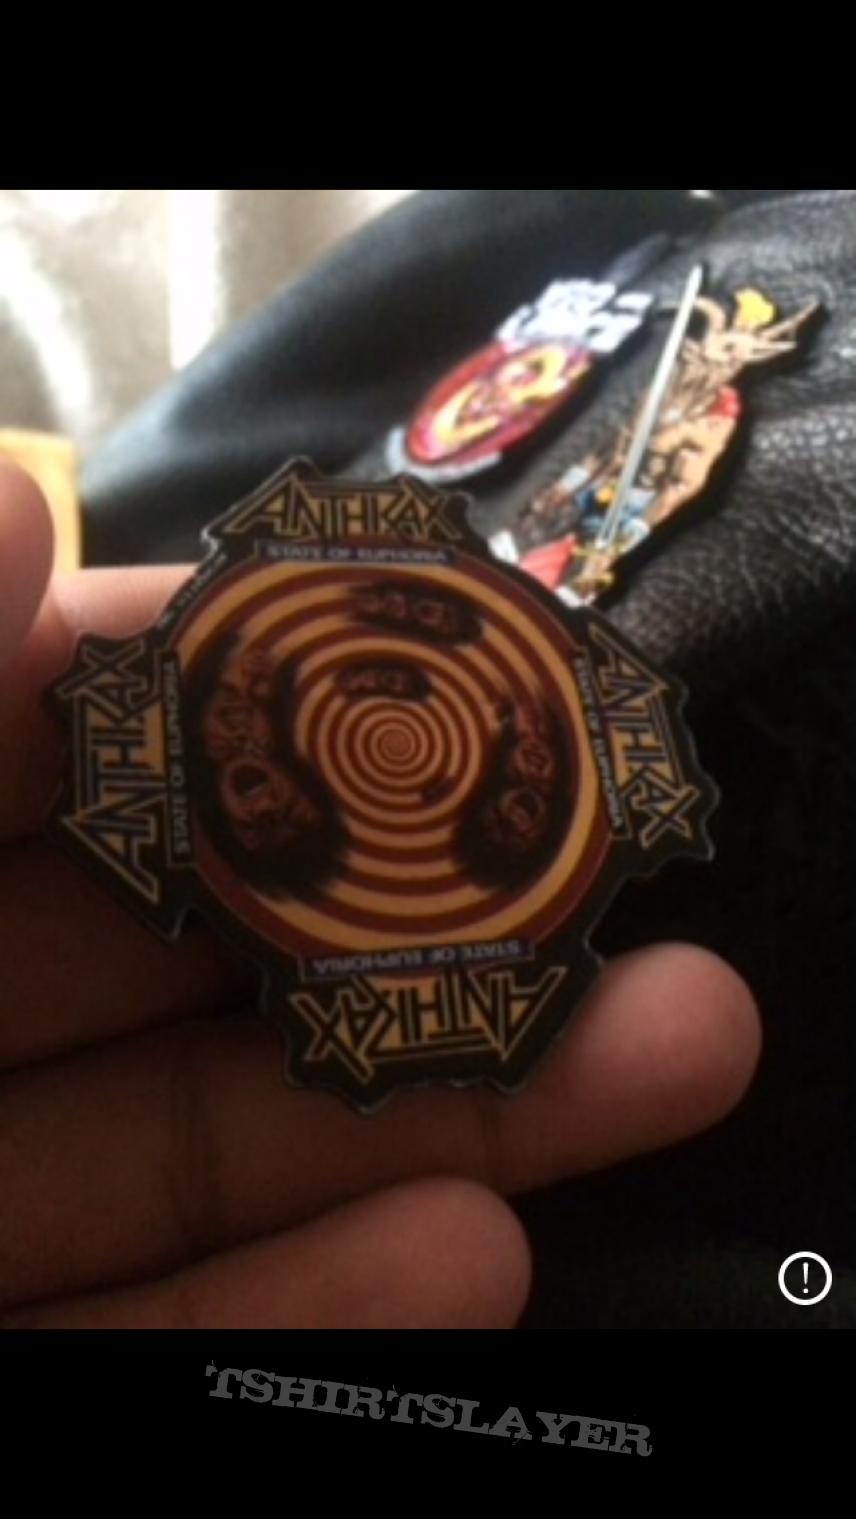 Vintage Anthrax Pin